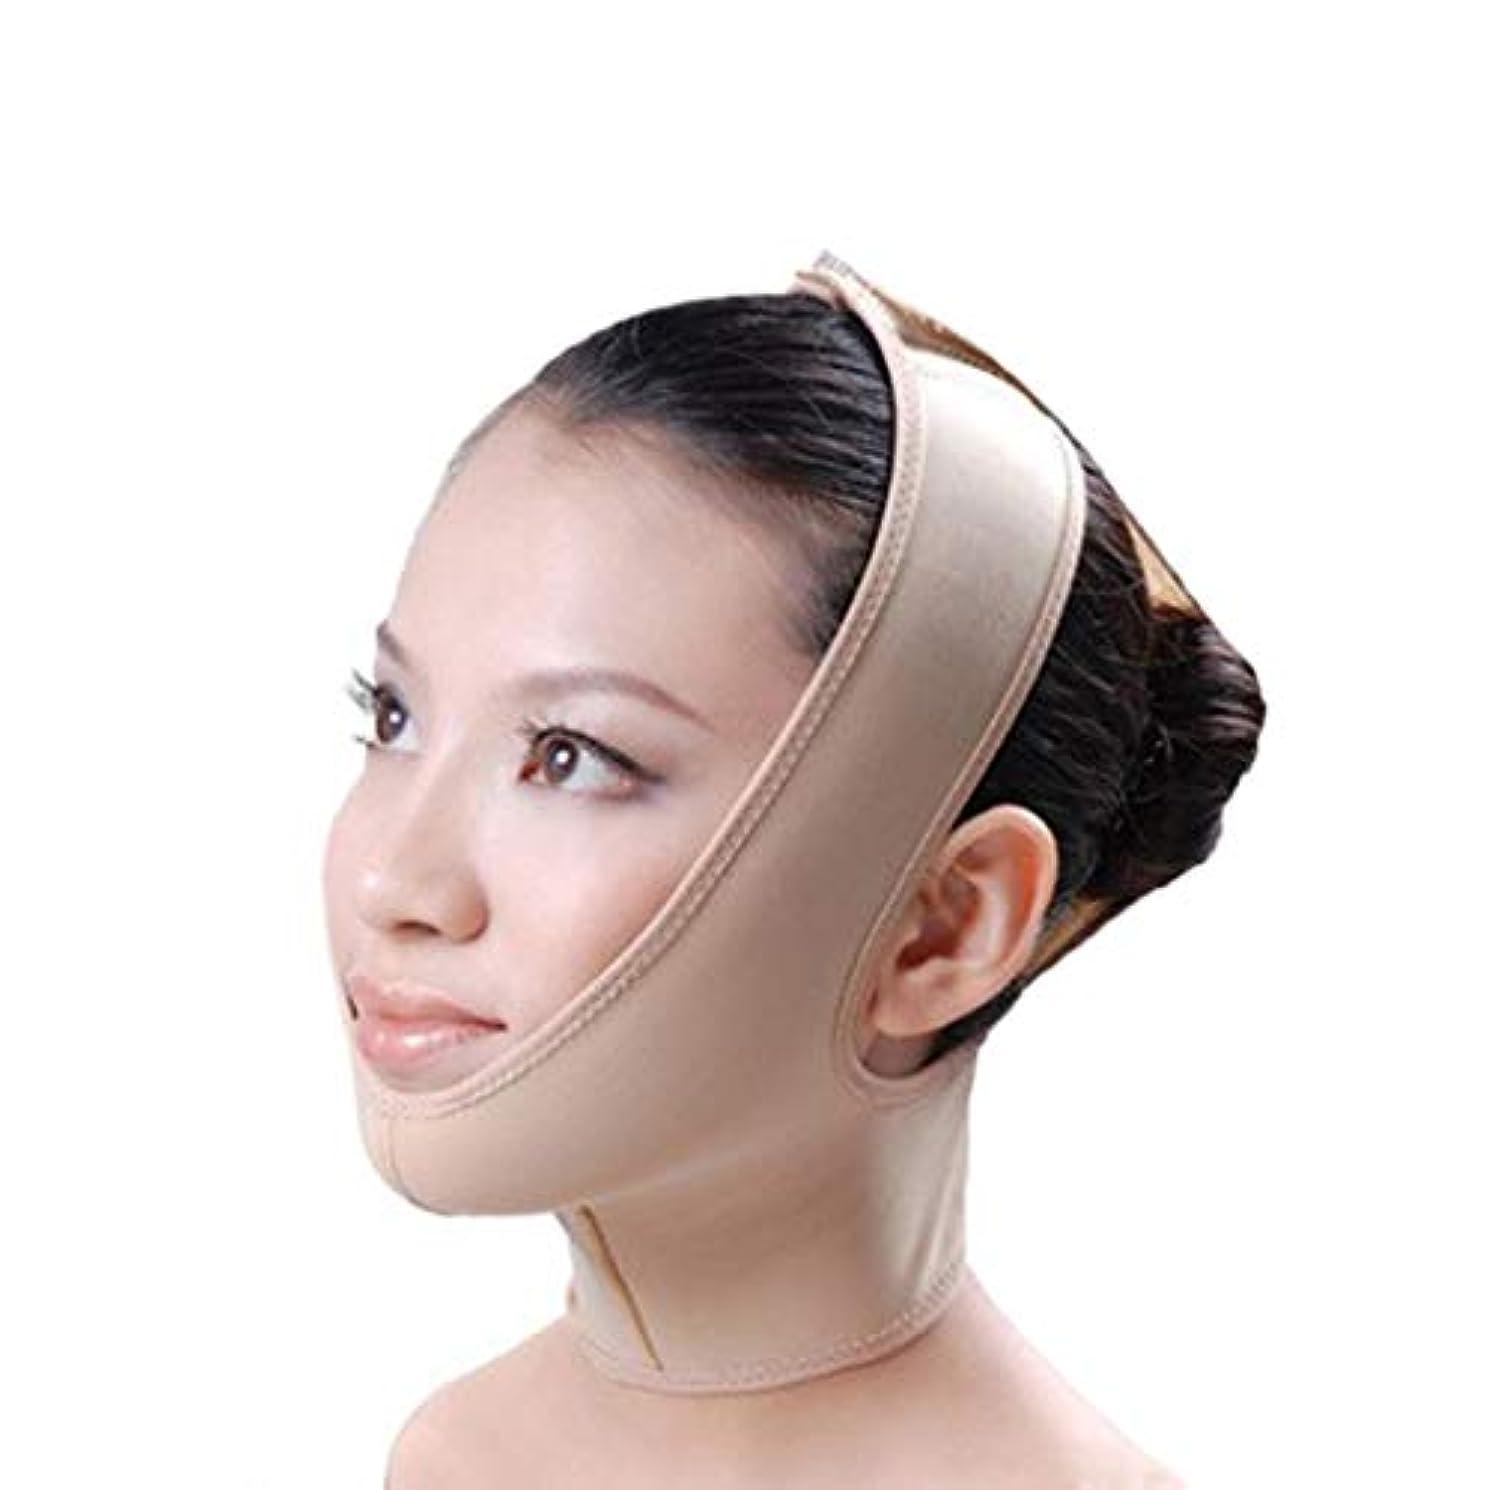 かんたん虫例外フェイススリム、リフティングマスク、包帯リフト、ダブルチン、ファーミングフェイシャルリフト、フェイシャル減量マスク、リフティングスキンバンデージ (Size : XL)